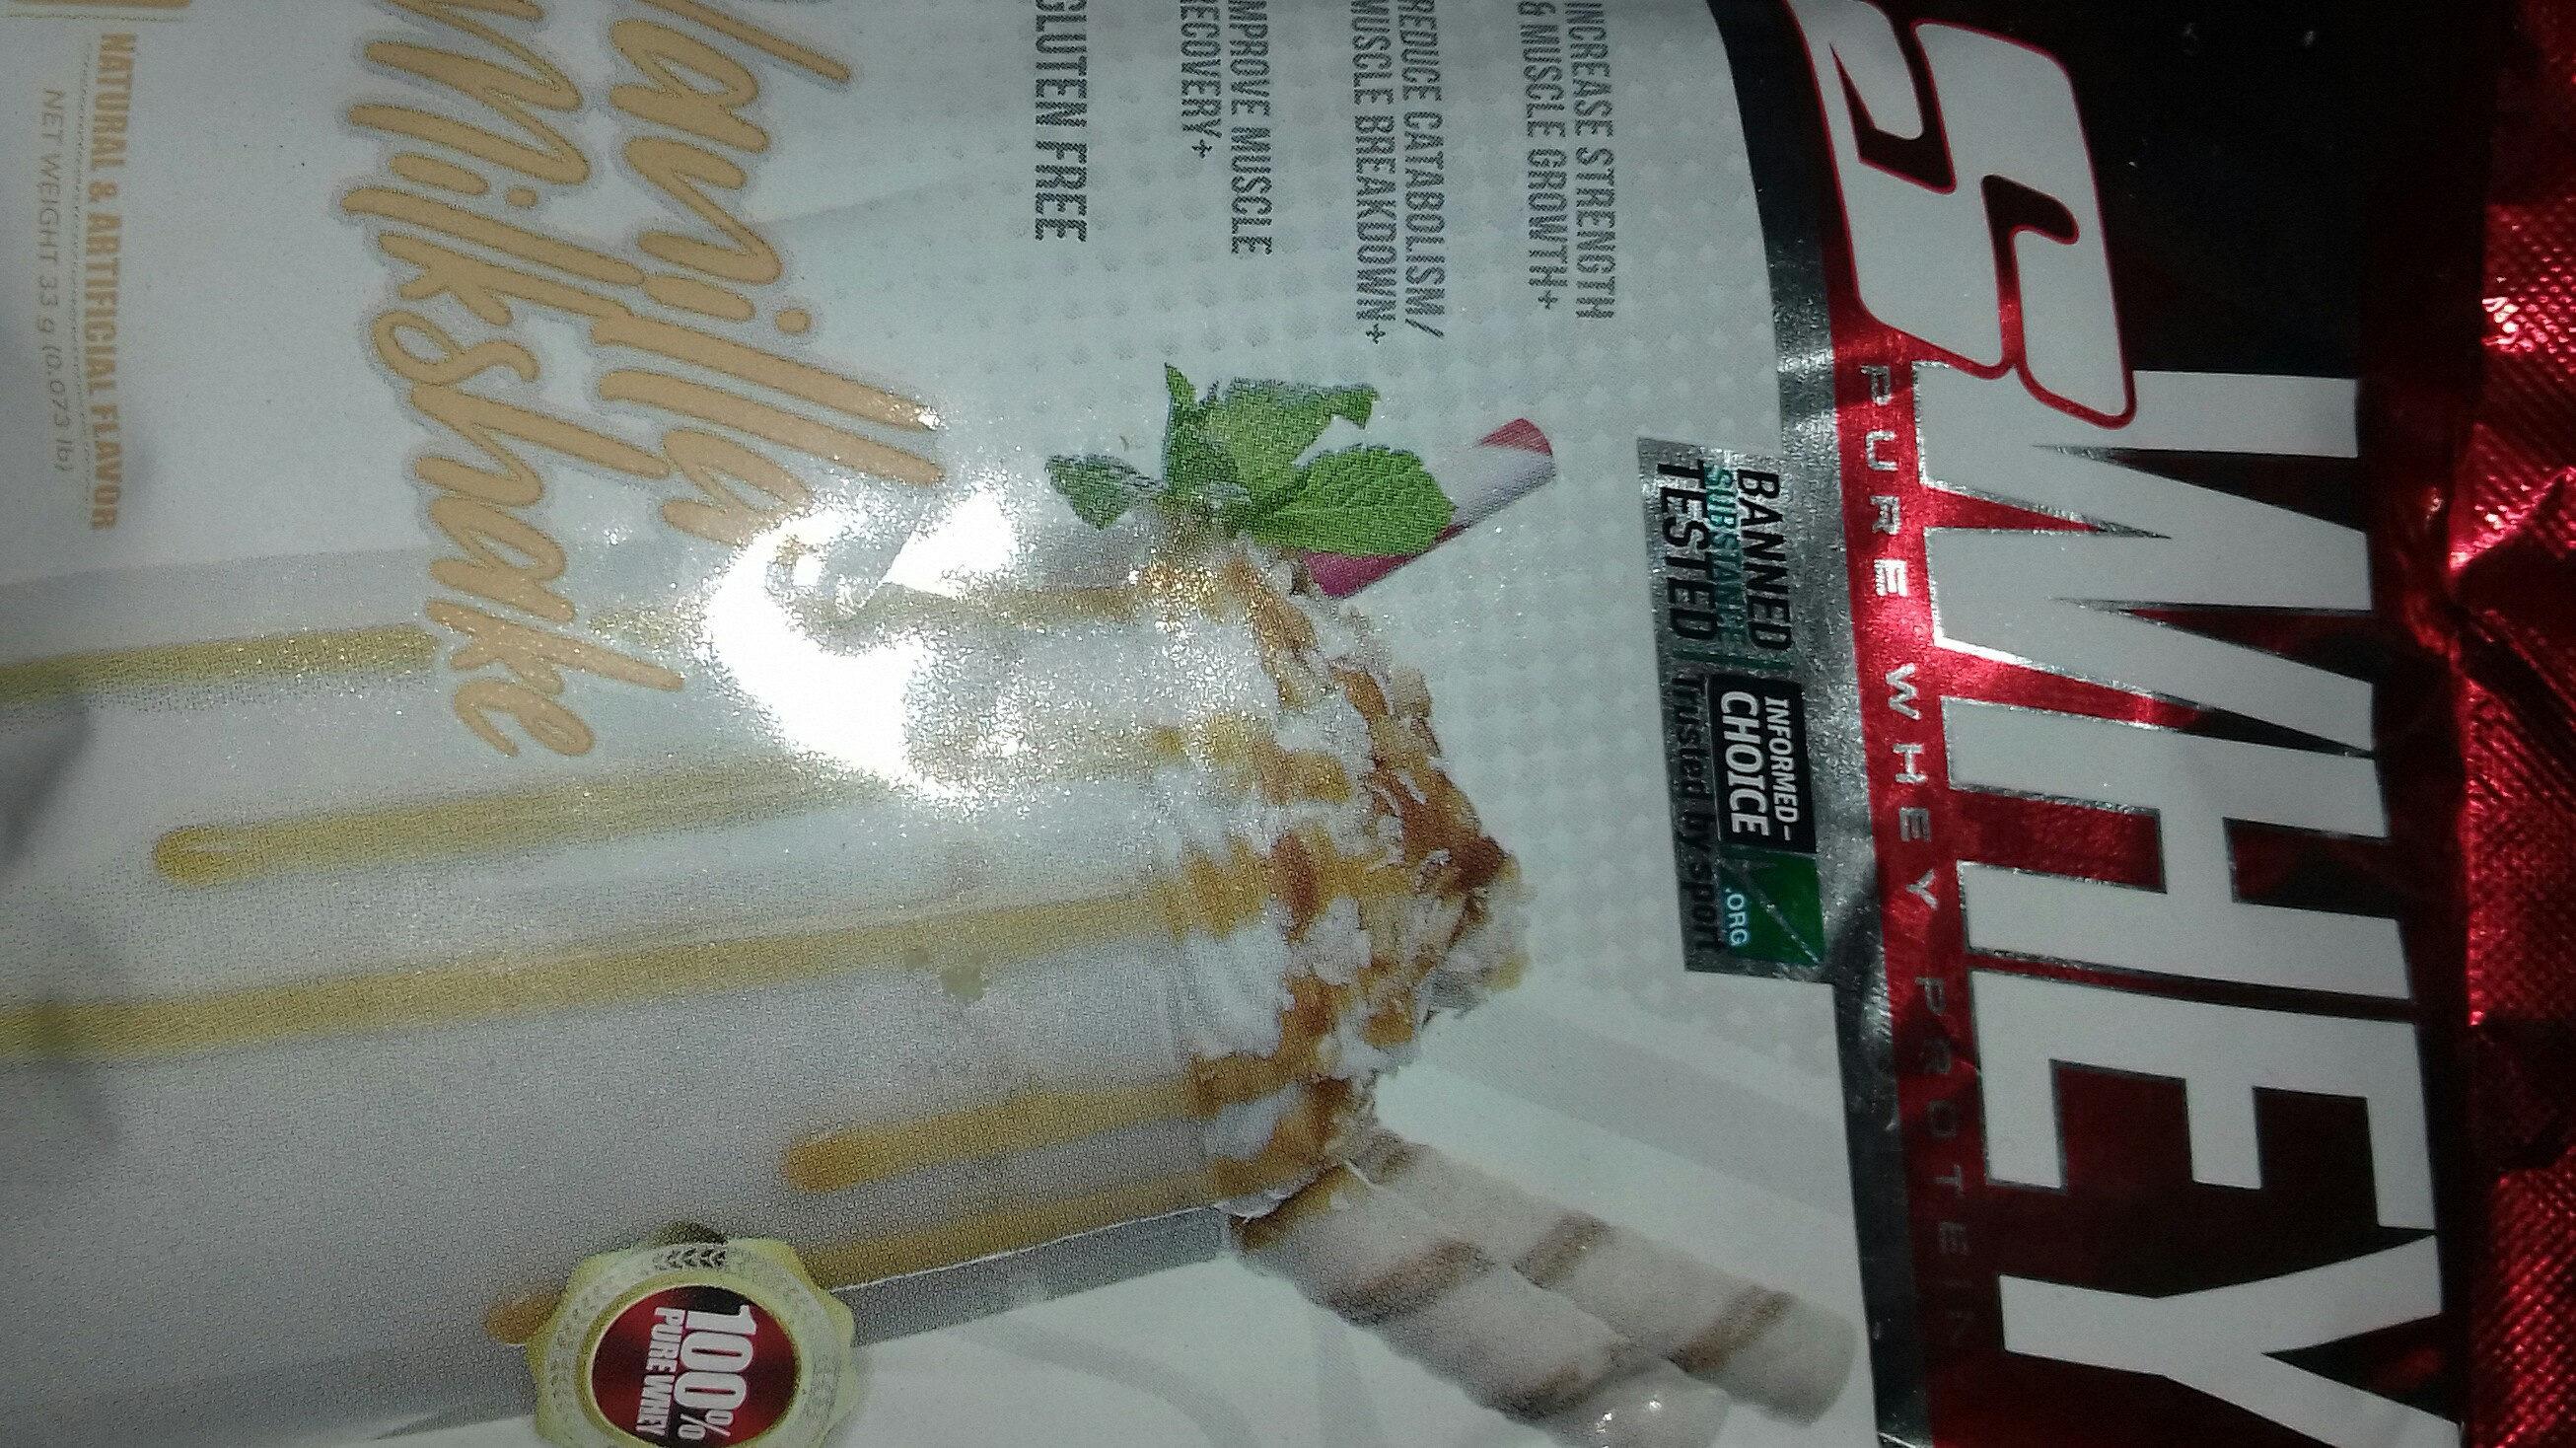 vanilla milkshake - Prodotto - en